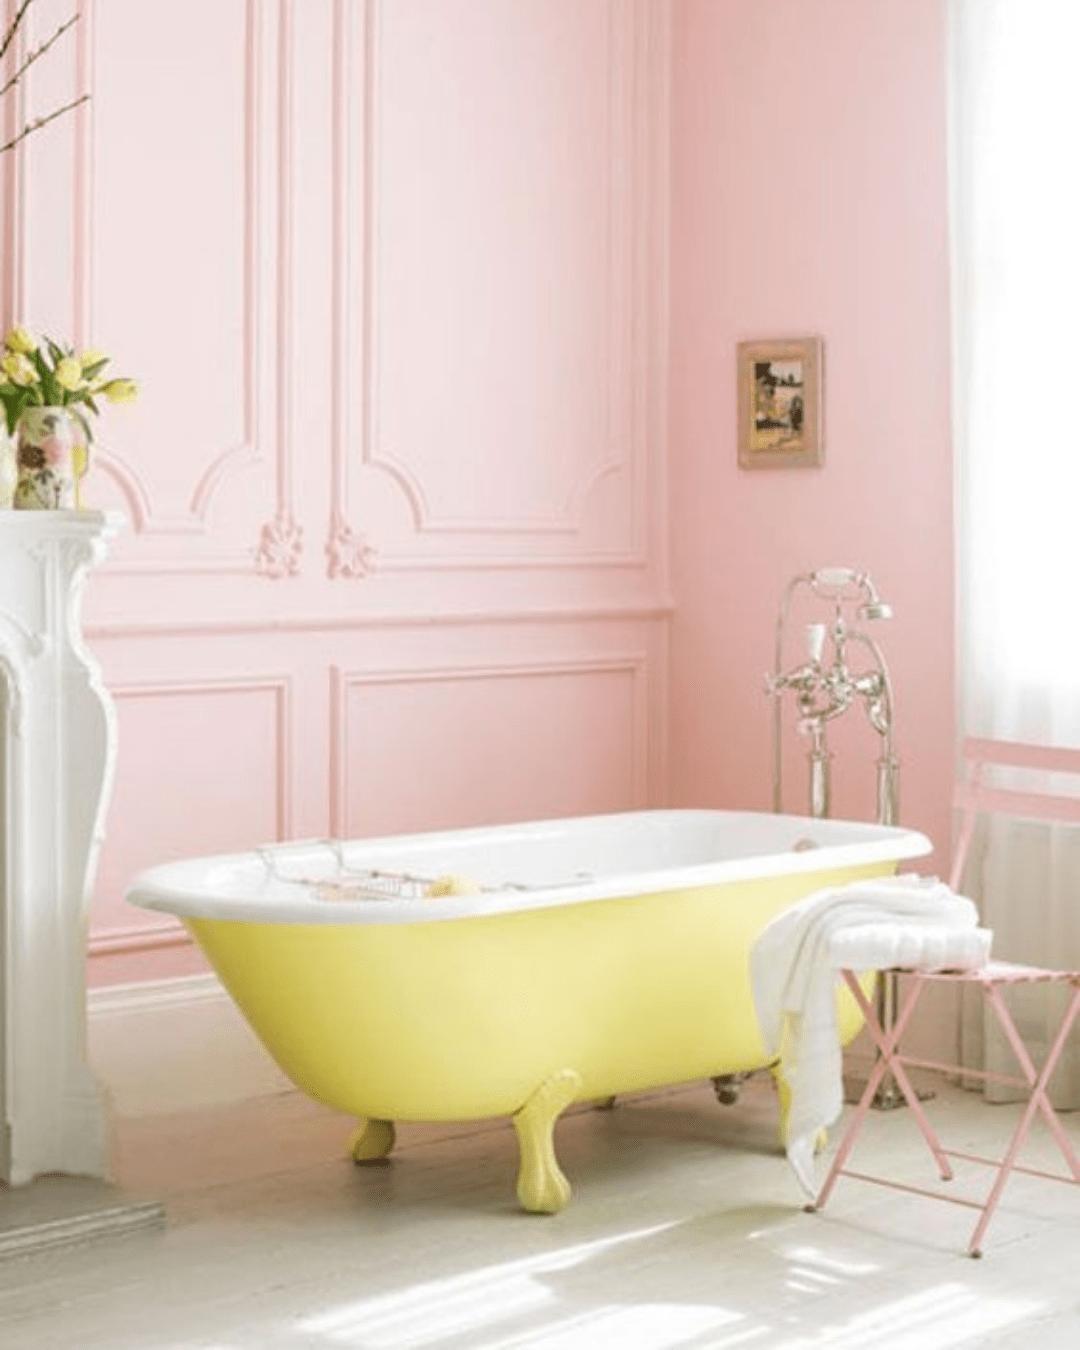 Tipos de banheira: vitoriana amarela pastel